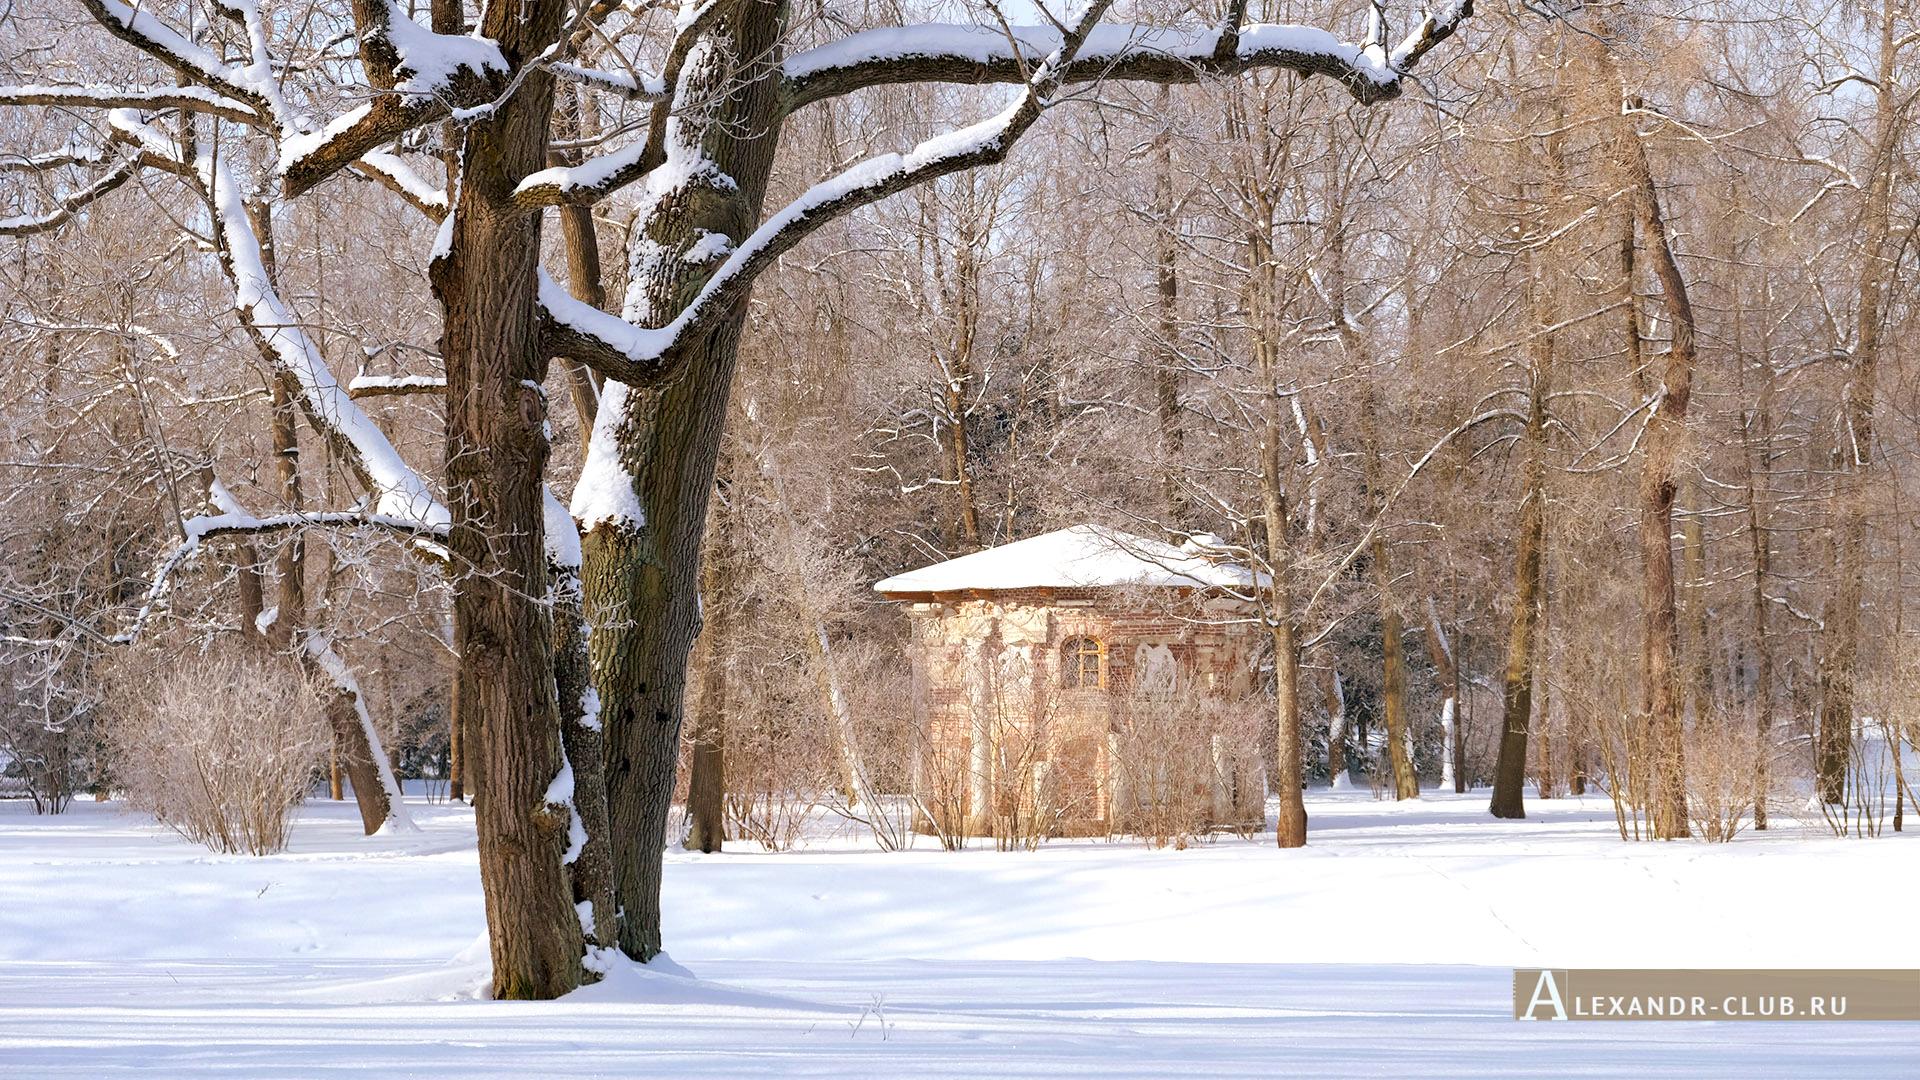 Царское Село, зима, Екатерининский парк, павильон «Кухня-руина»